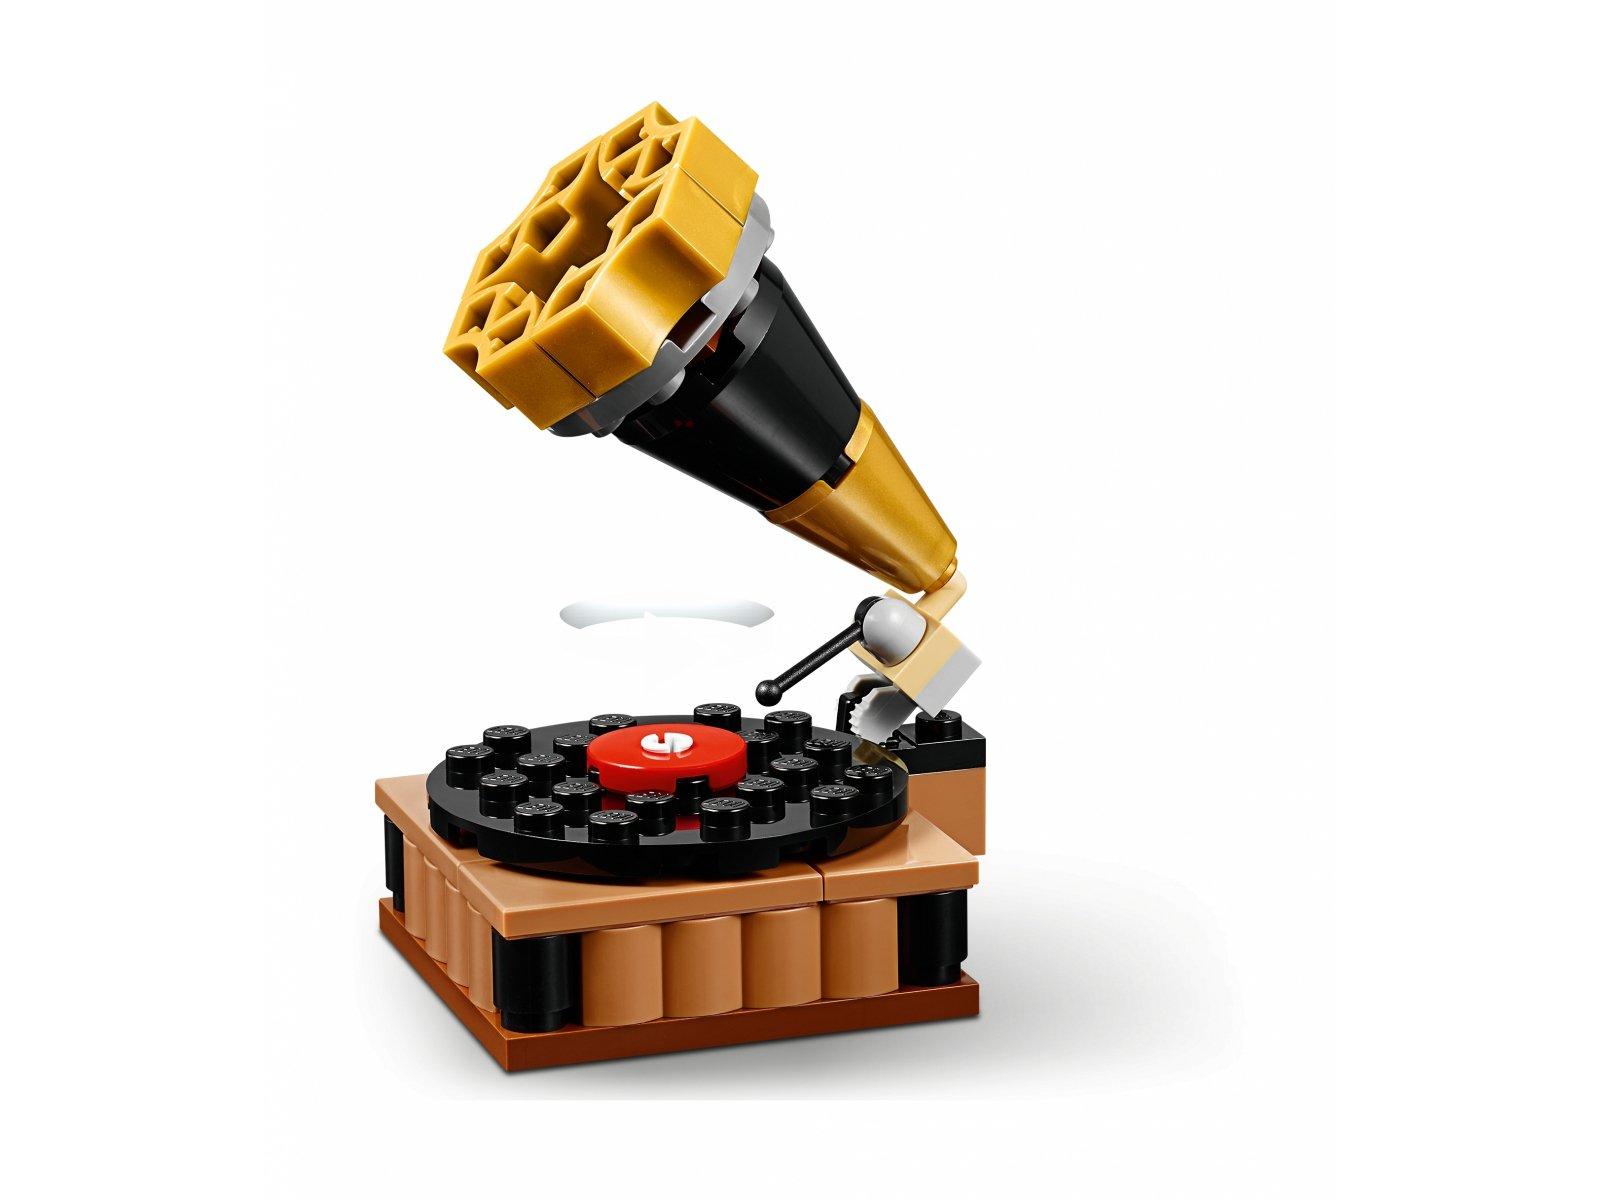 LEGO 11717 Classic Klocki, klocki, płytki